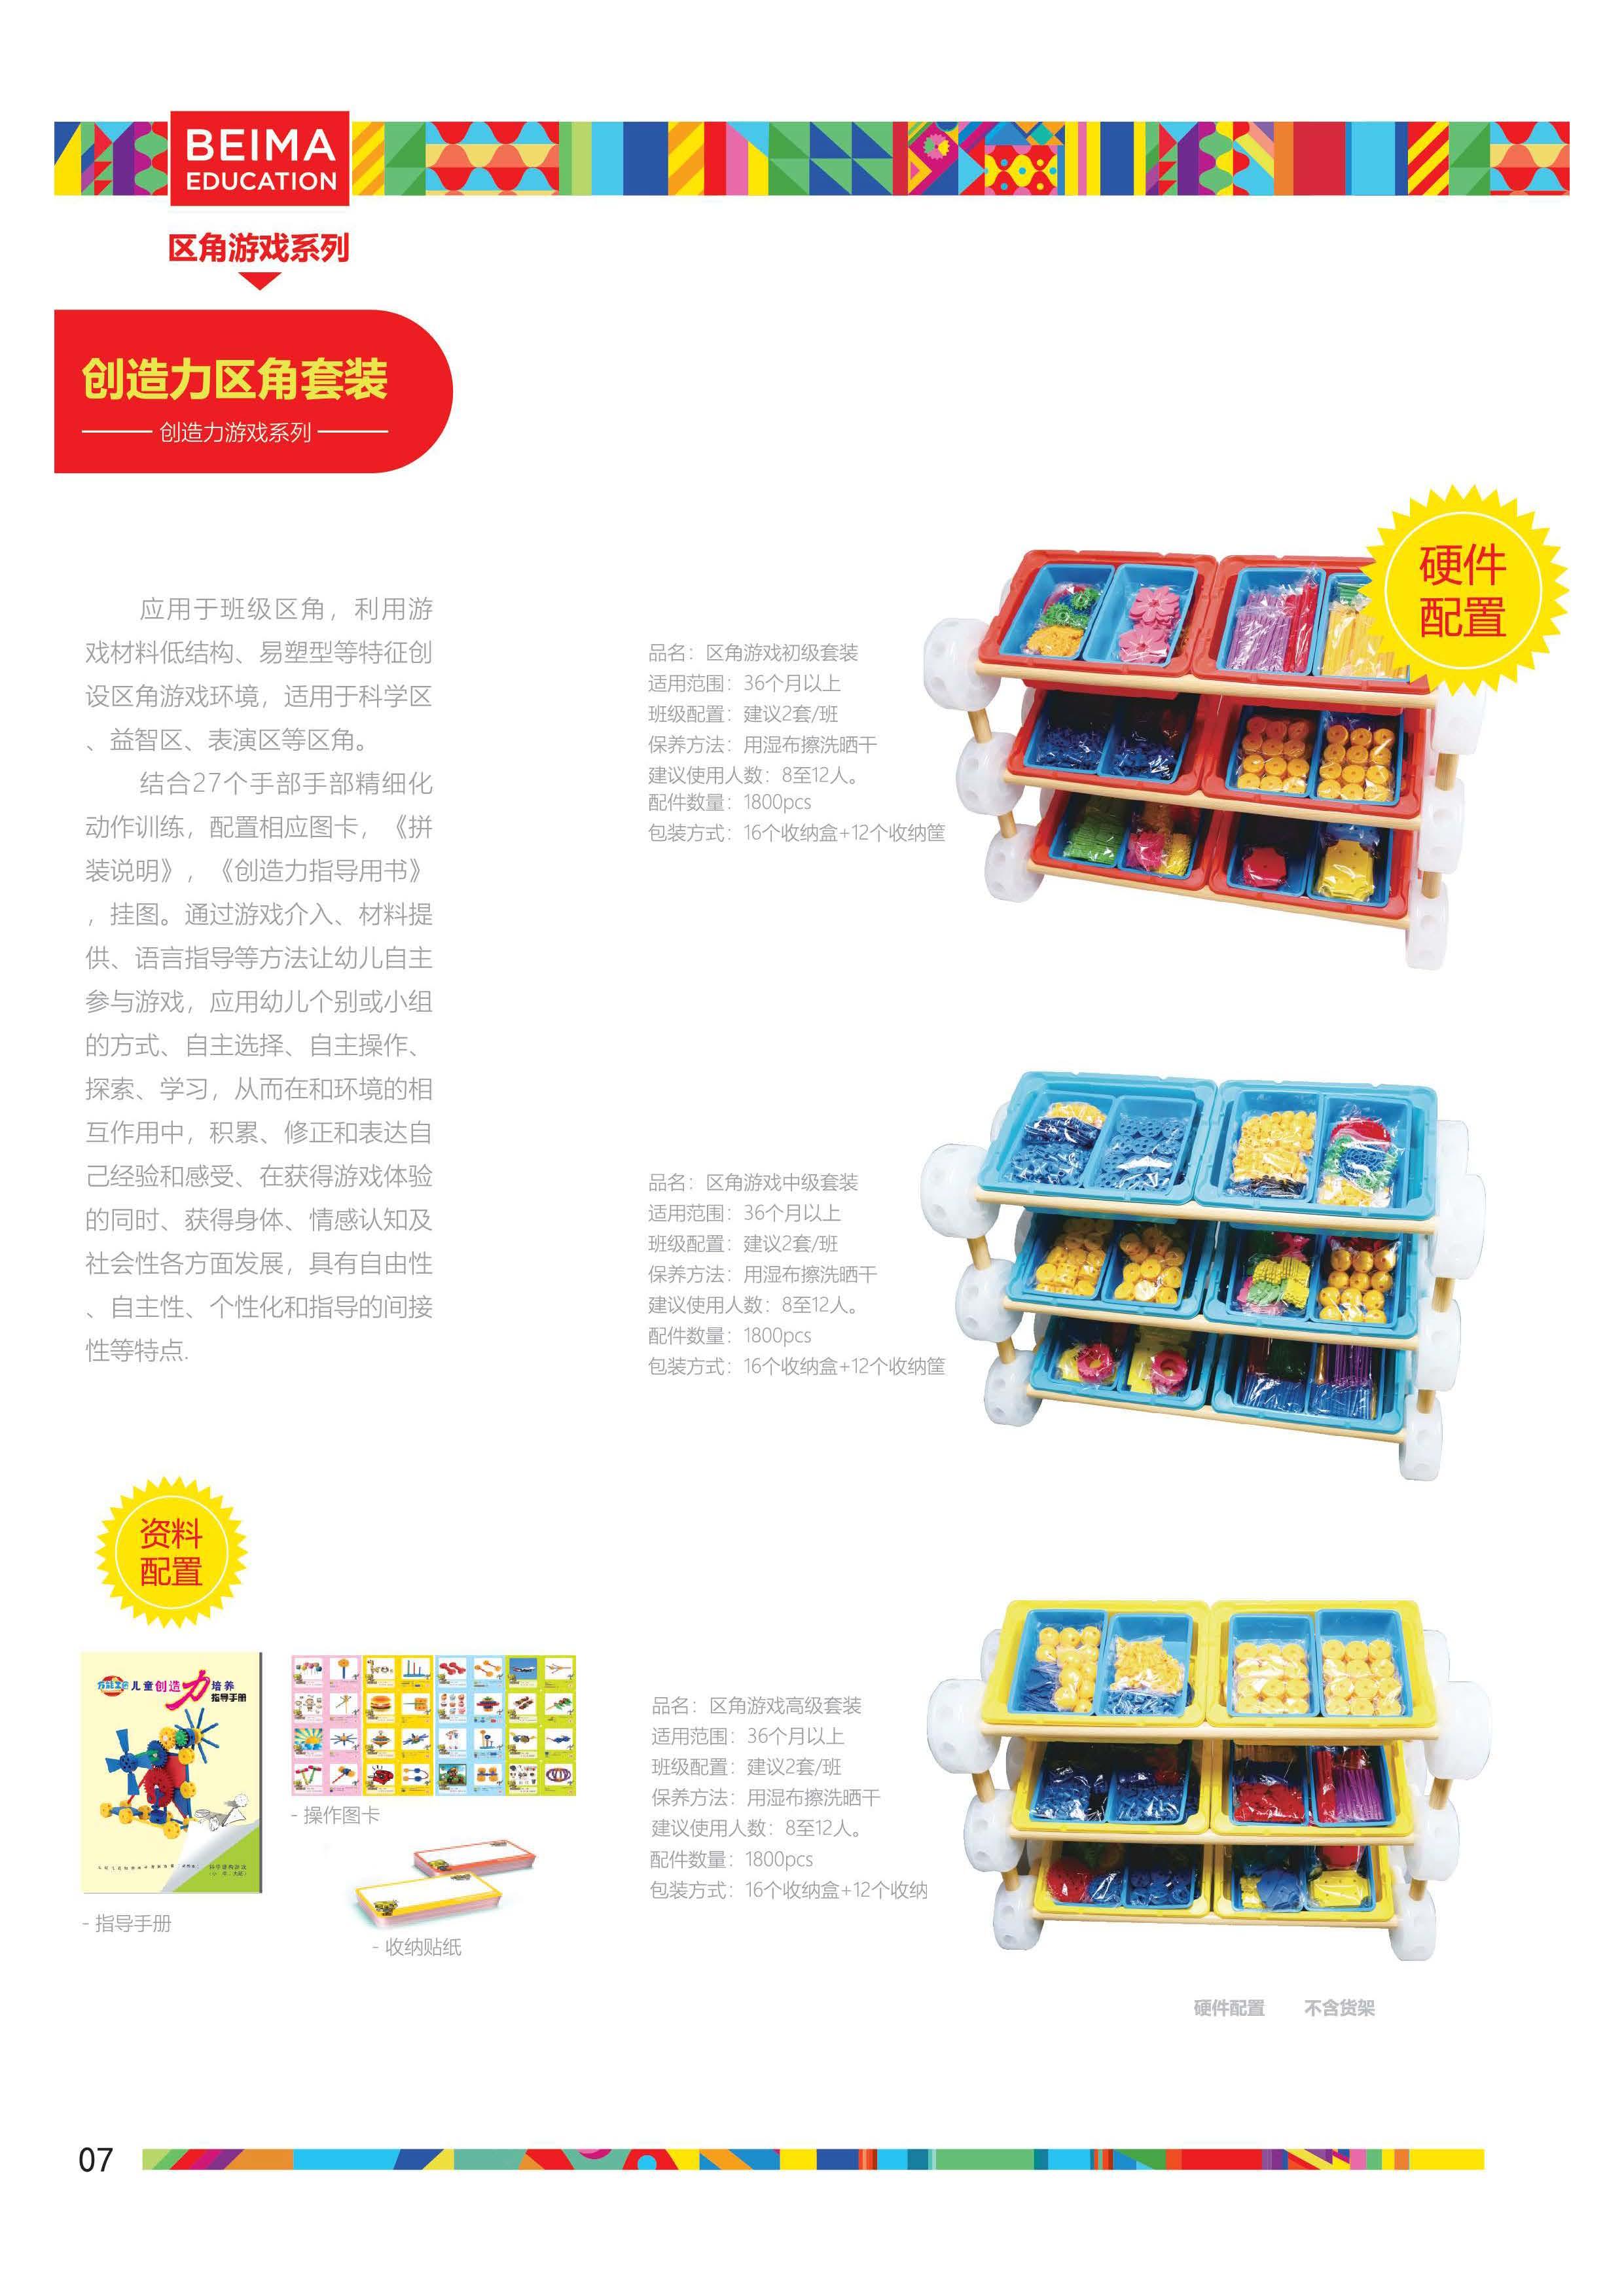 贝玛最新产品手册_页面_08.jpg